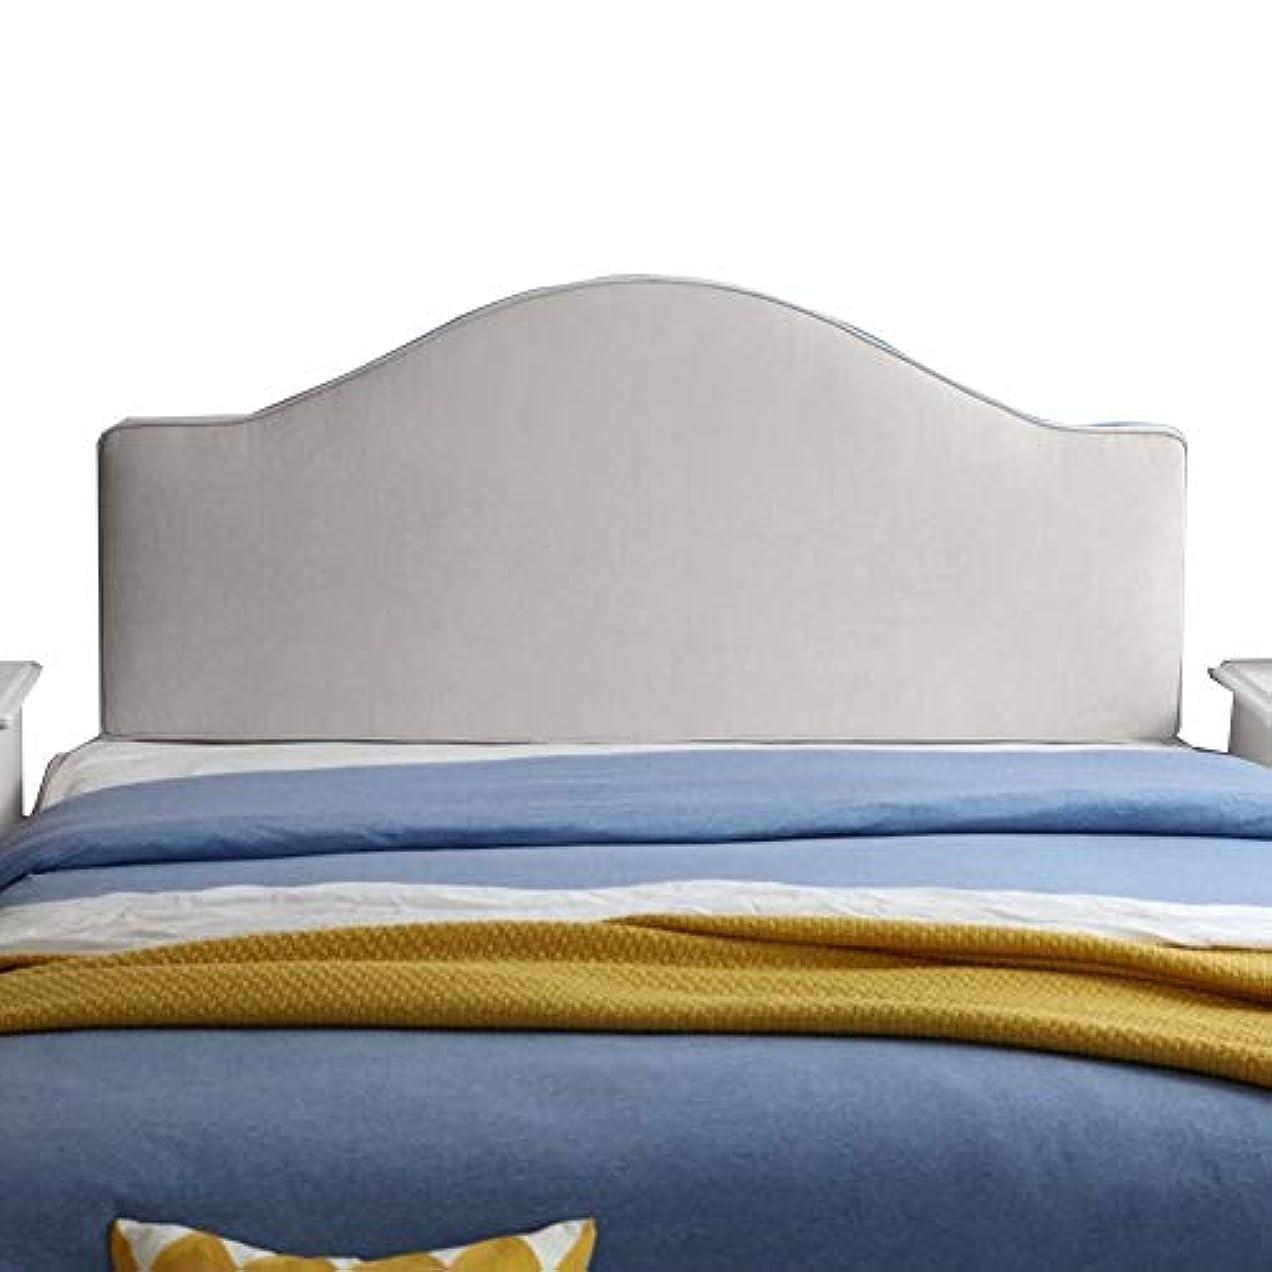 古くなったポルノ事前にLIANGLIANG クションベッドの背もたれ快適な読書ベッドのヘッドレスト特大のふわふわ背もたれ洗える布、6色、13サイズ (色 : 白, サイズ さいず : 160x65x8cm)